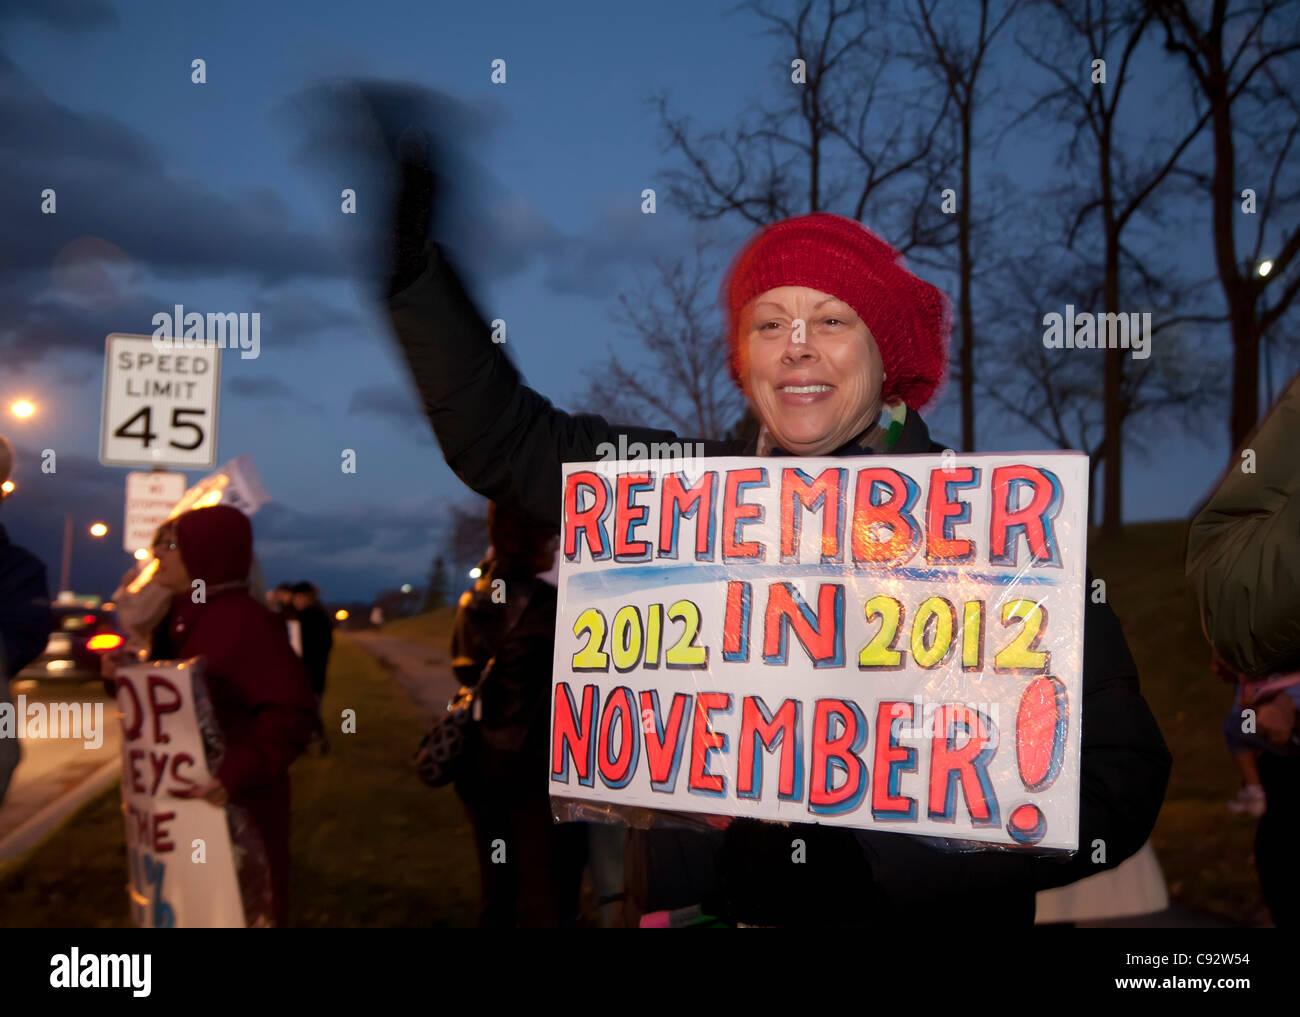 Auburn Hills, Michigan - Persone picket fuori il repubblicano dibattito presidenziale a Oakland University. Foto Stock